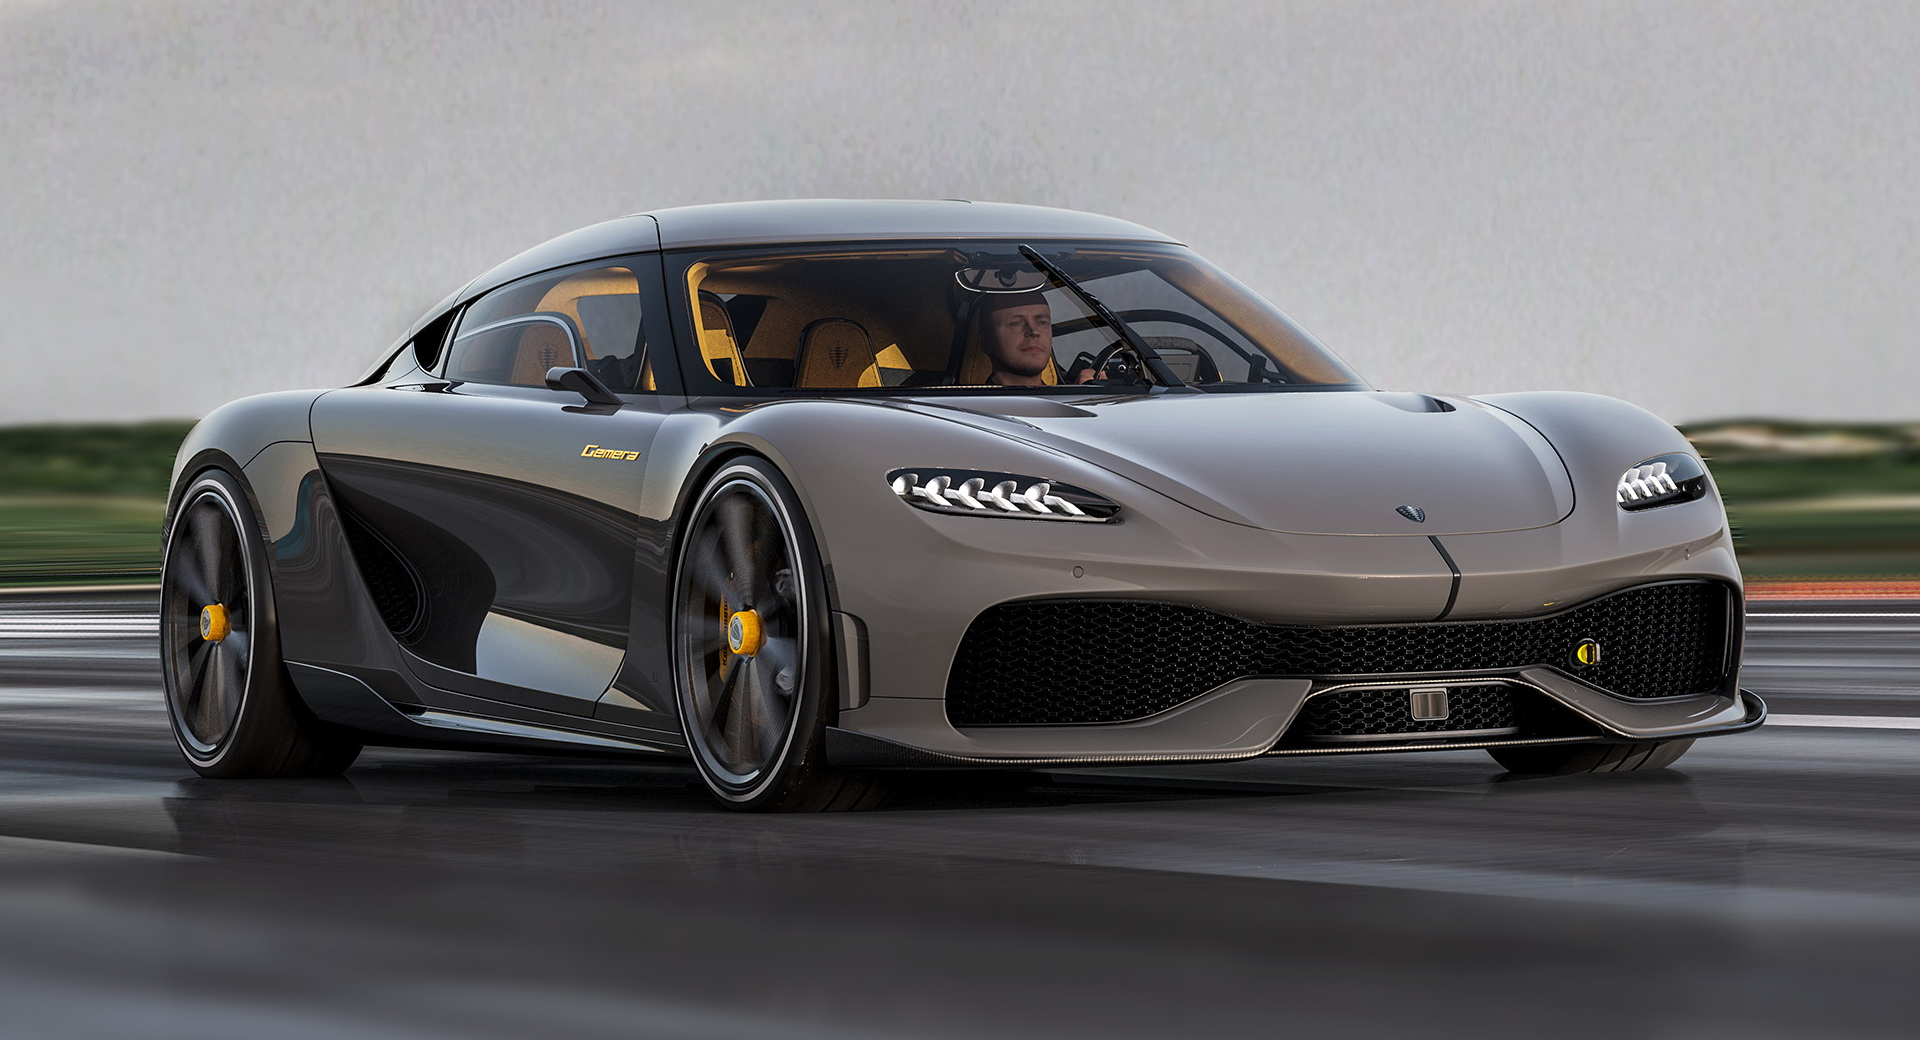 sieu xe hoi geneva 2020 - Koenigsegg Gemera - elle man 1